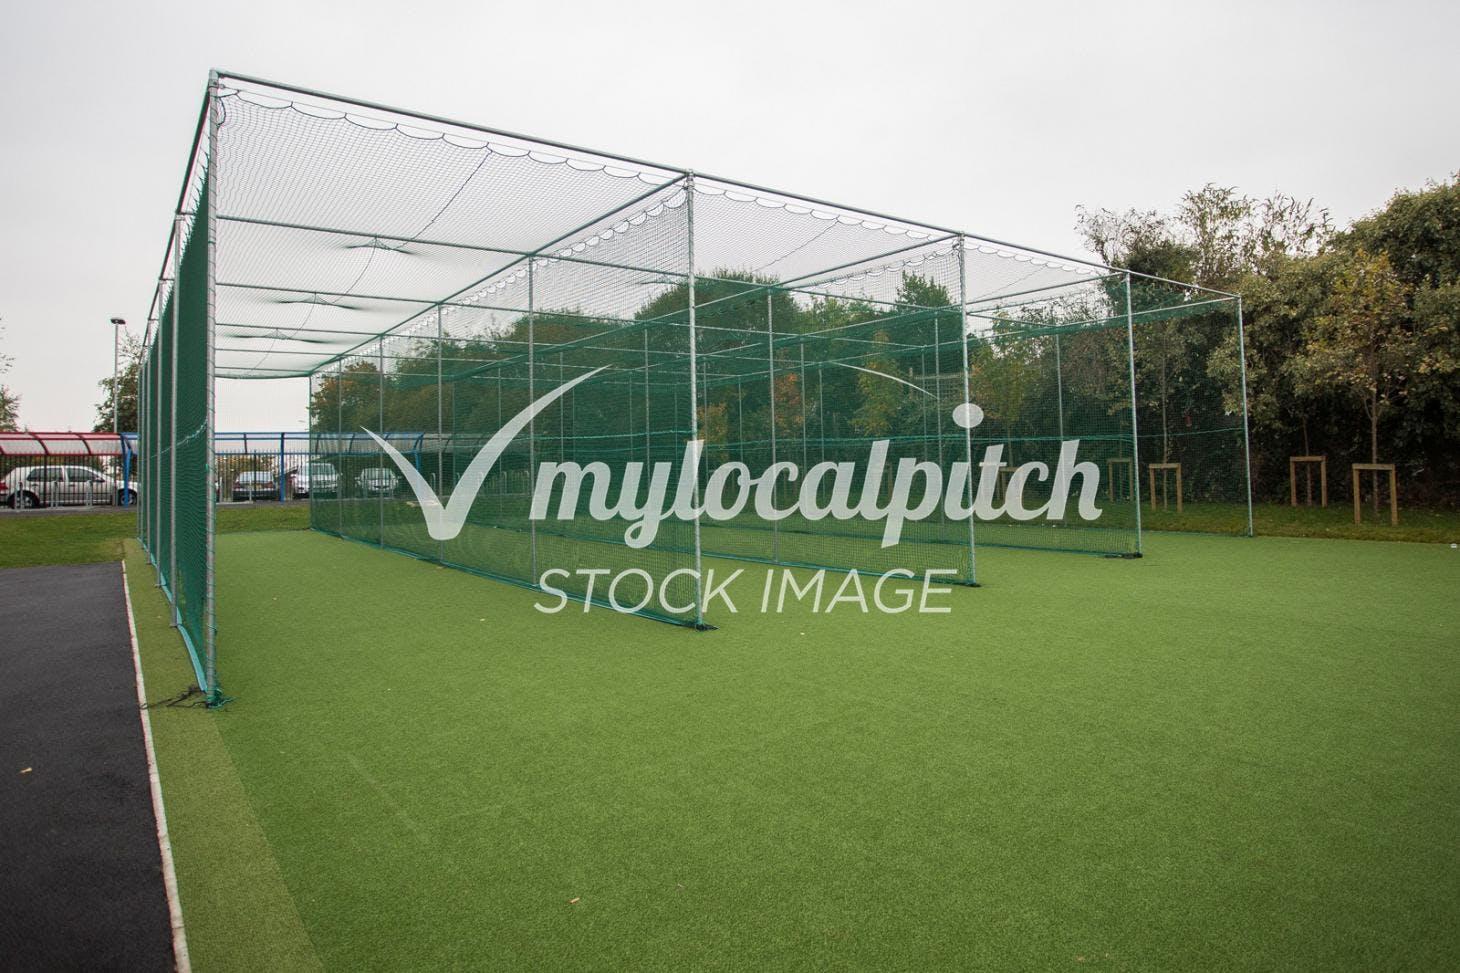 Brondesbury Cricket, Tennis & Squash Club Nets | Artificial cricket facilities